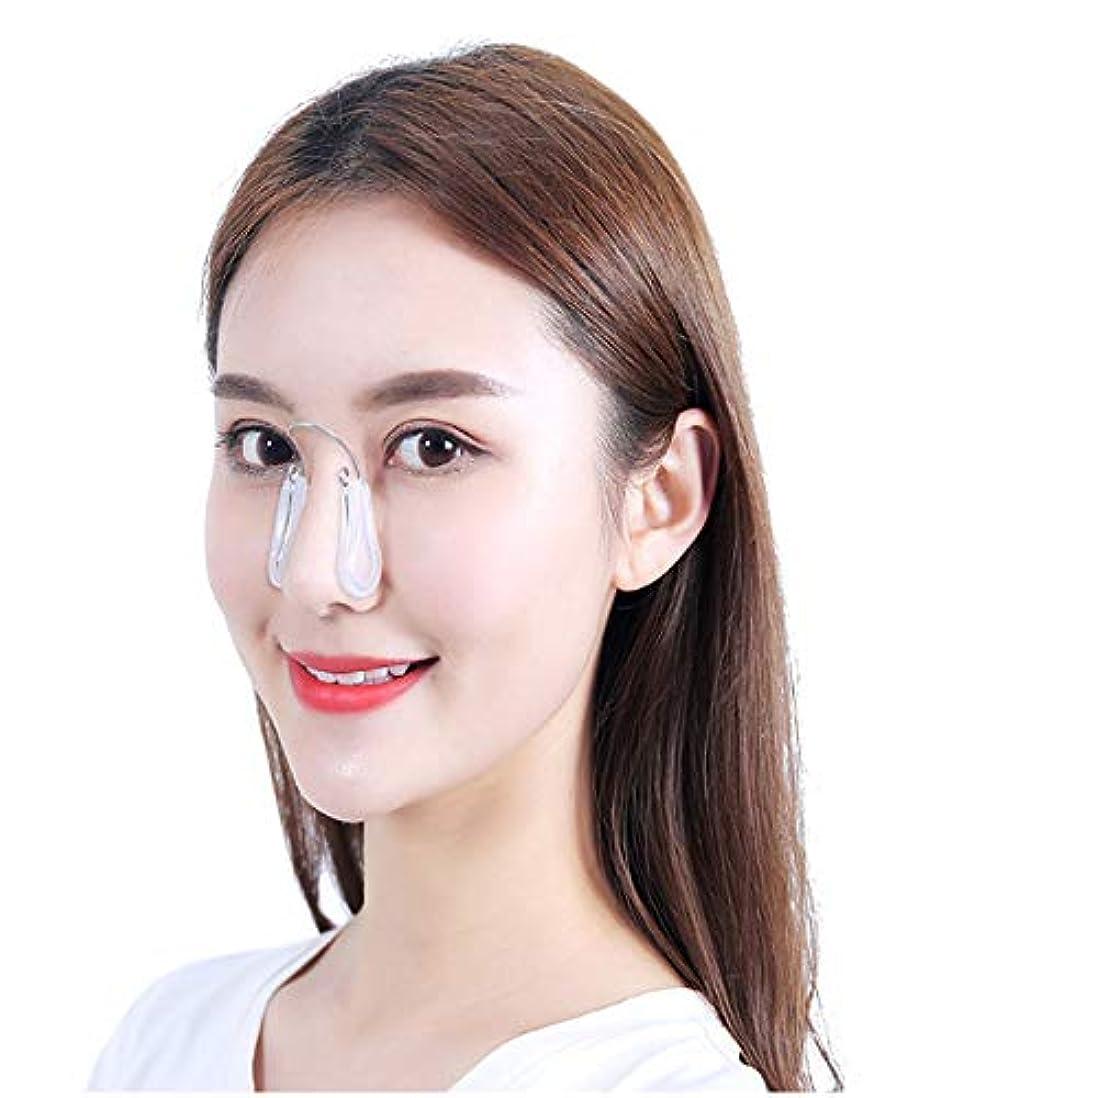 風変わりなさようならロイヤリティGOIOD 美鼻ケア 鼻 人工鼻 増強美容 鼻のデバイスシリコンクリップ 鼻筋矯正 簡単美鼻ケア